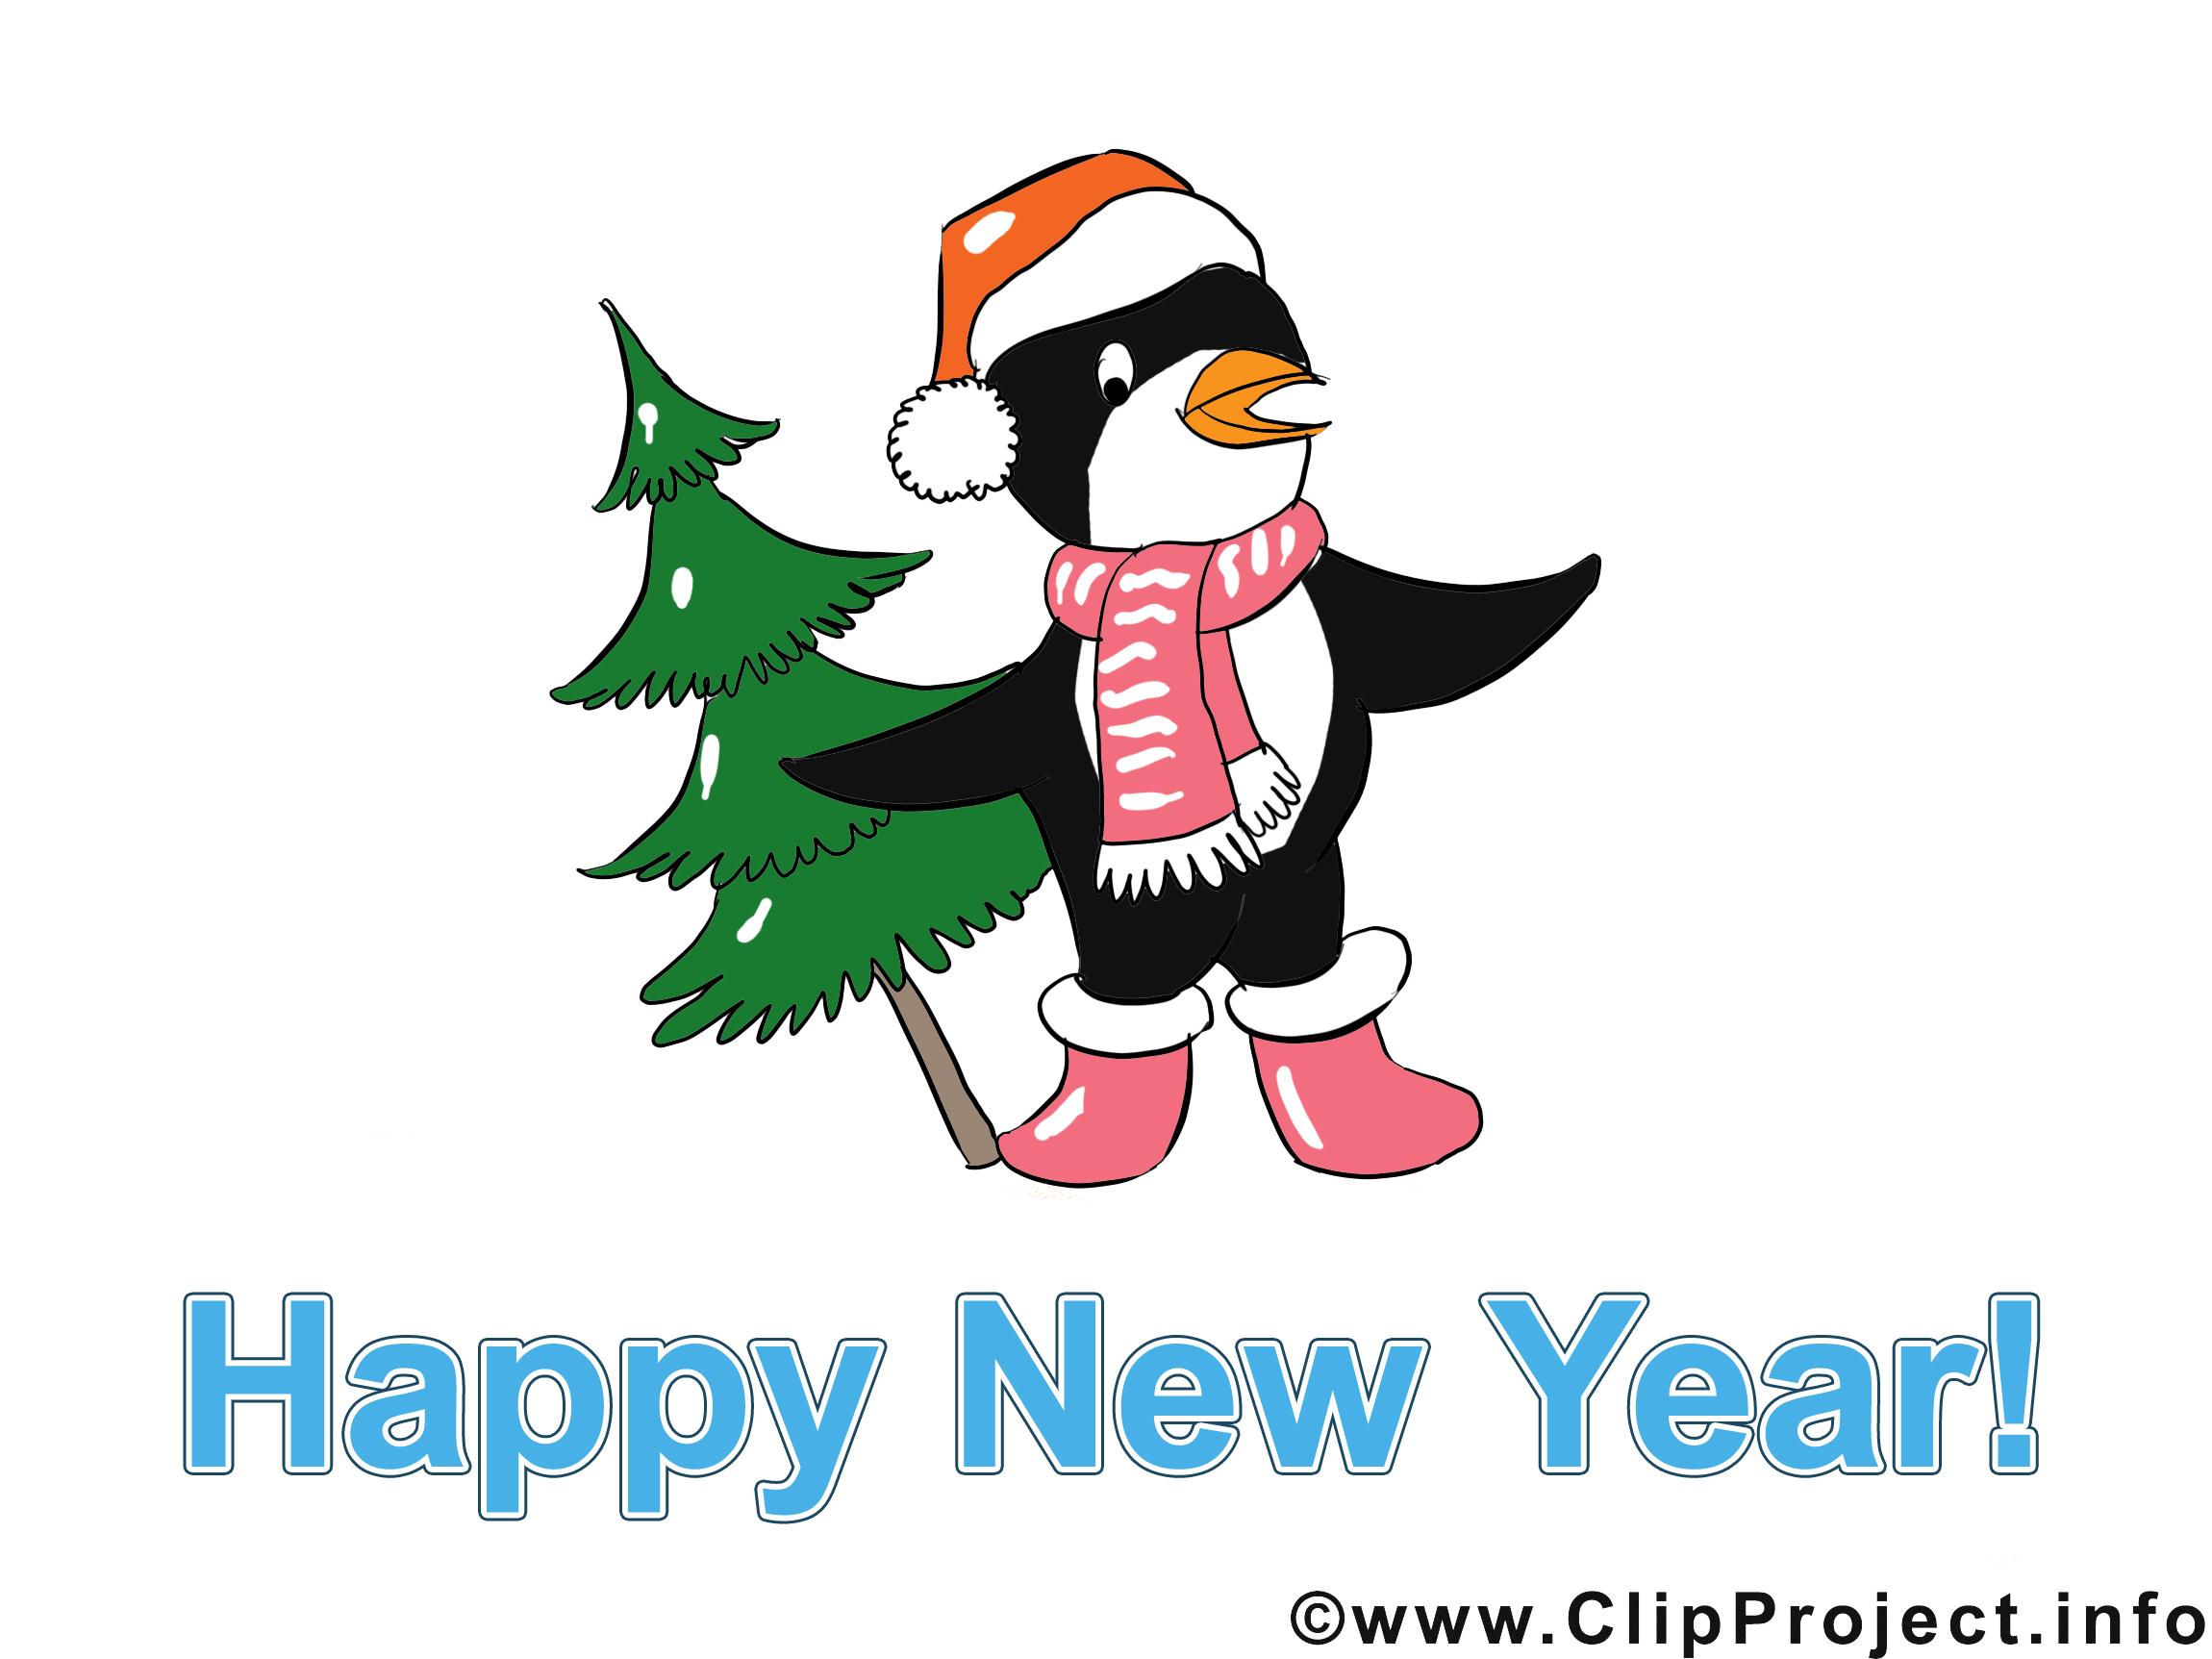 Pingouin sapin images gratuites – Bonne année clipart